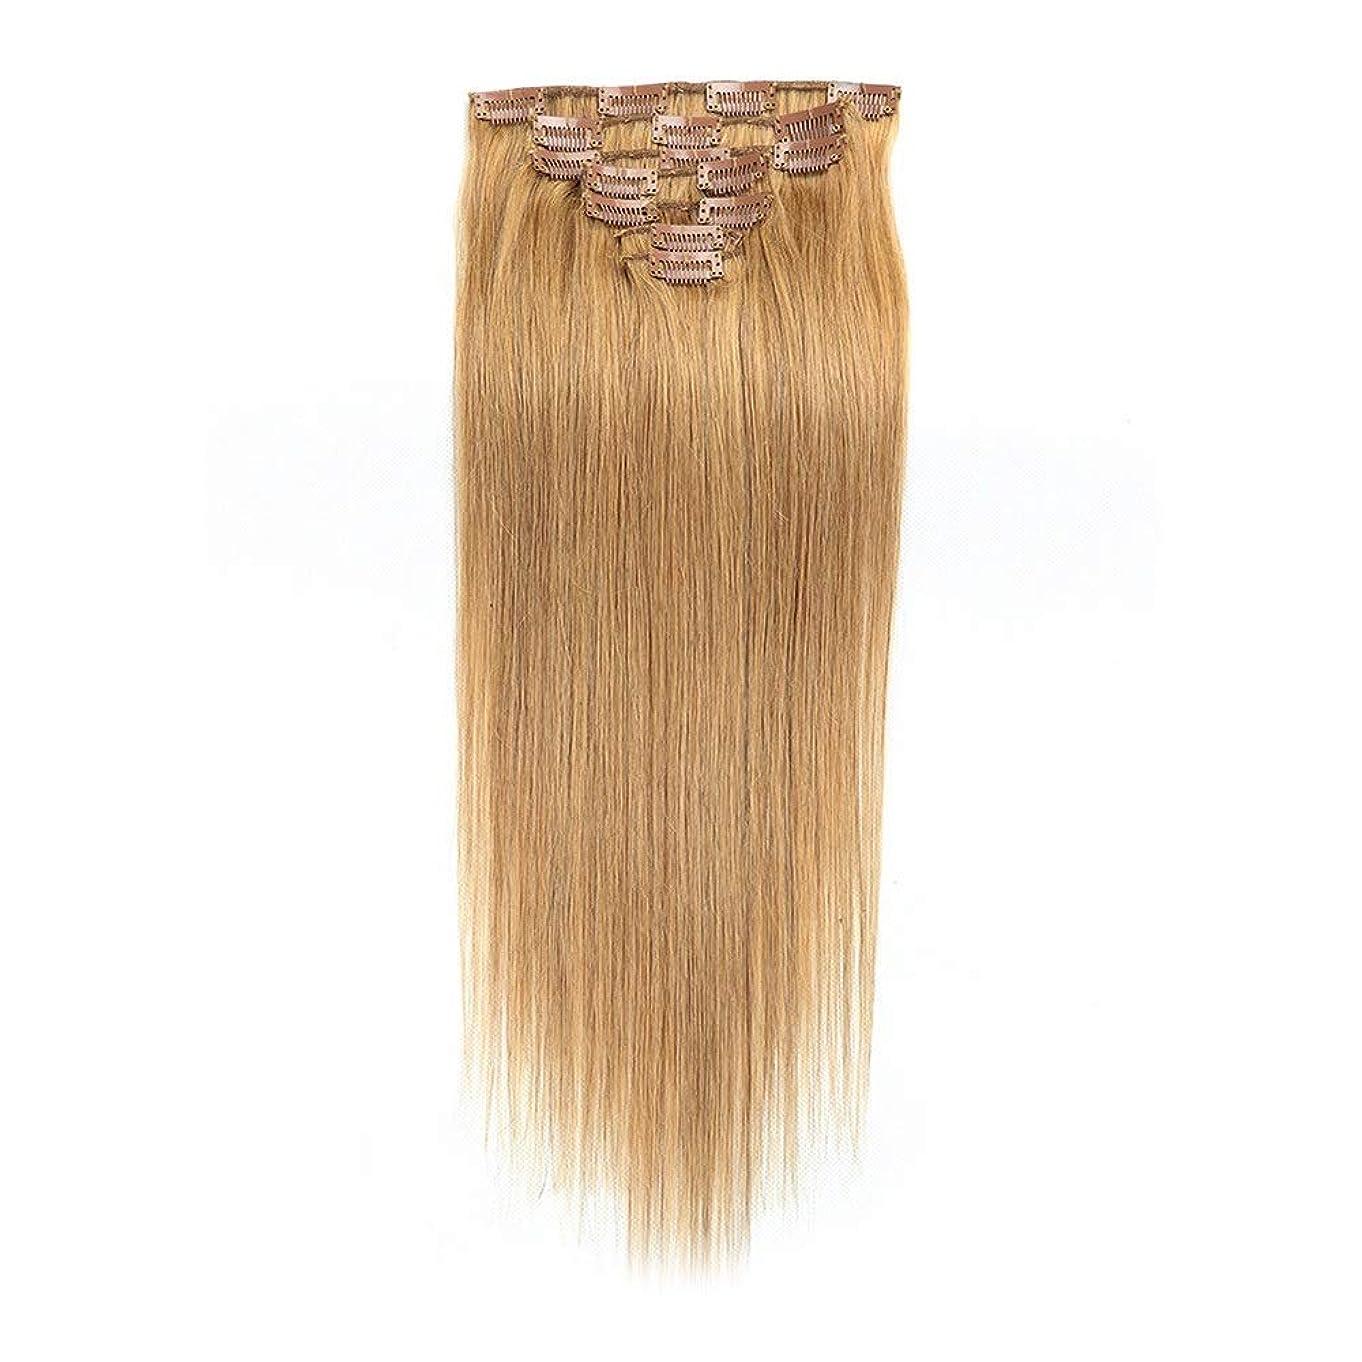 スーパー作成する周りHOHYLLYA 100グラム24インチヘアクリップエクステンション - 7個 - #27金髪本物の人間の髪の毛ロールプレイングウィッグ女性の自然なかつら (色 : #27 blonde)